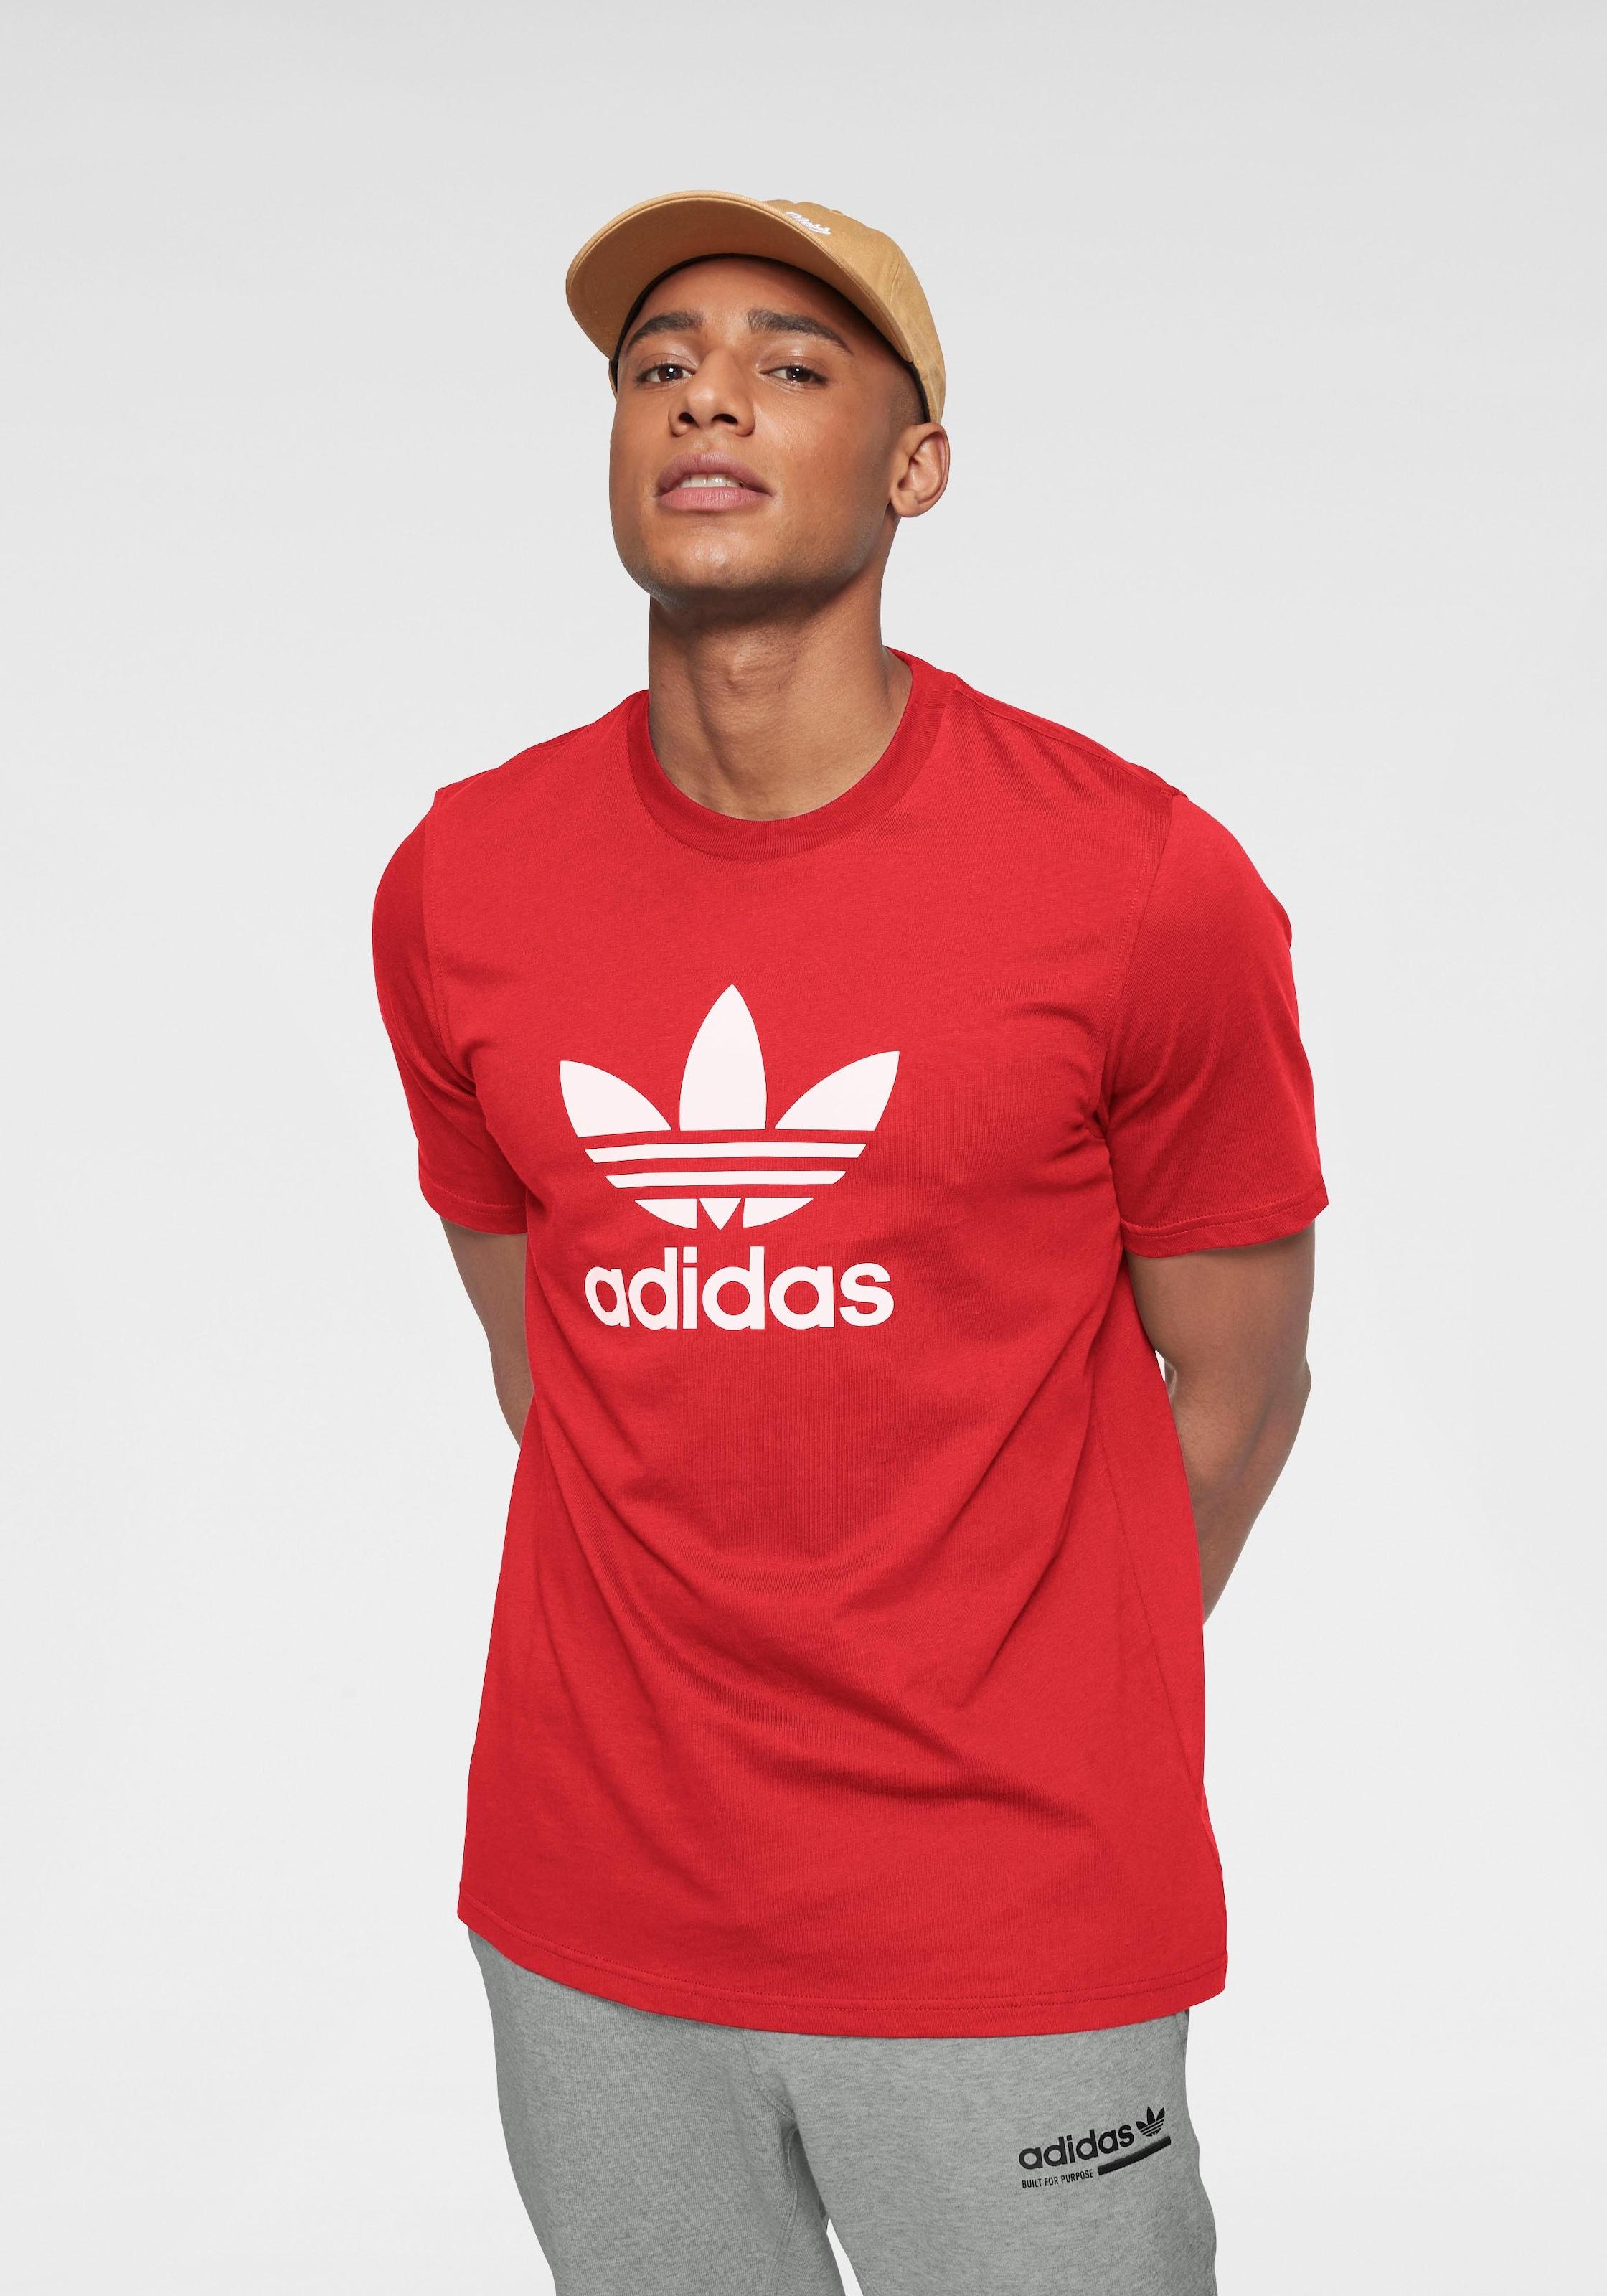 ADIDAS Jungen T Shirt Big Trefoil rot | 140